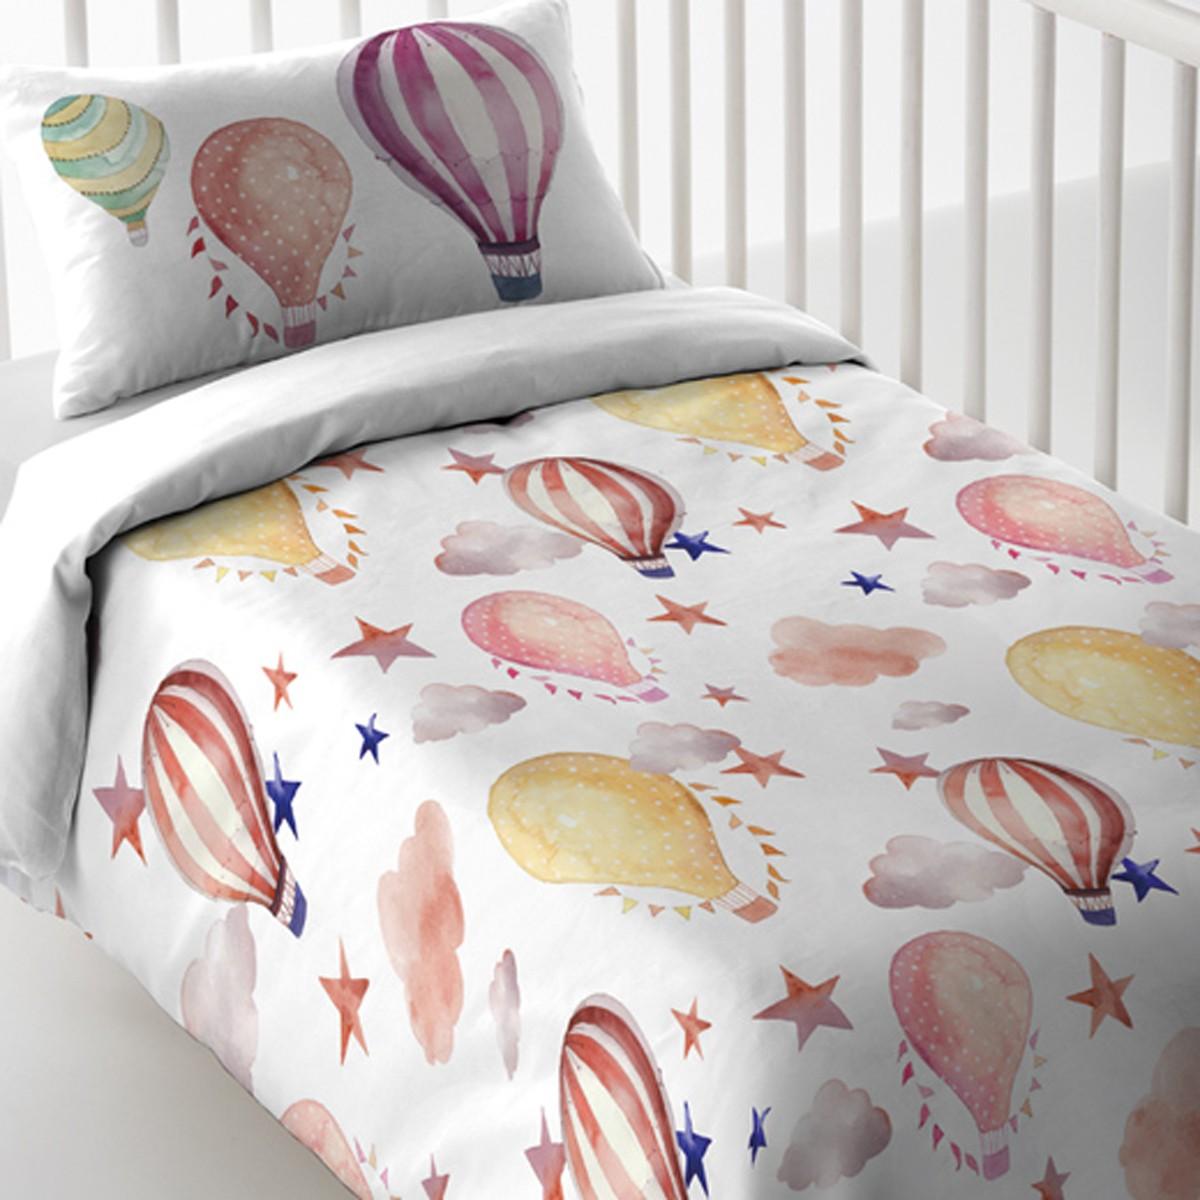 Παπλωματοθήκη Κούνιας (Σετ) Vesta Magic Print Baby 2183